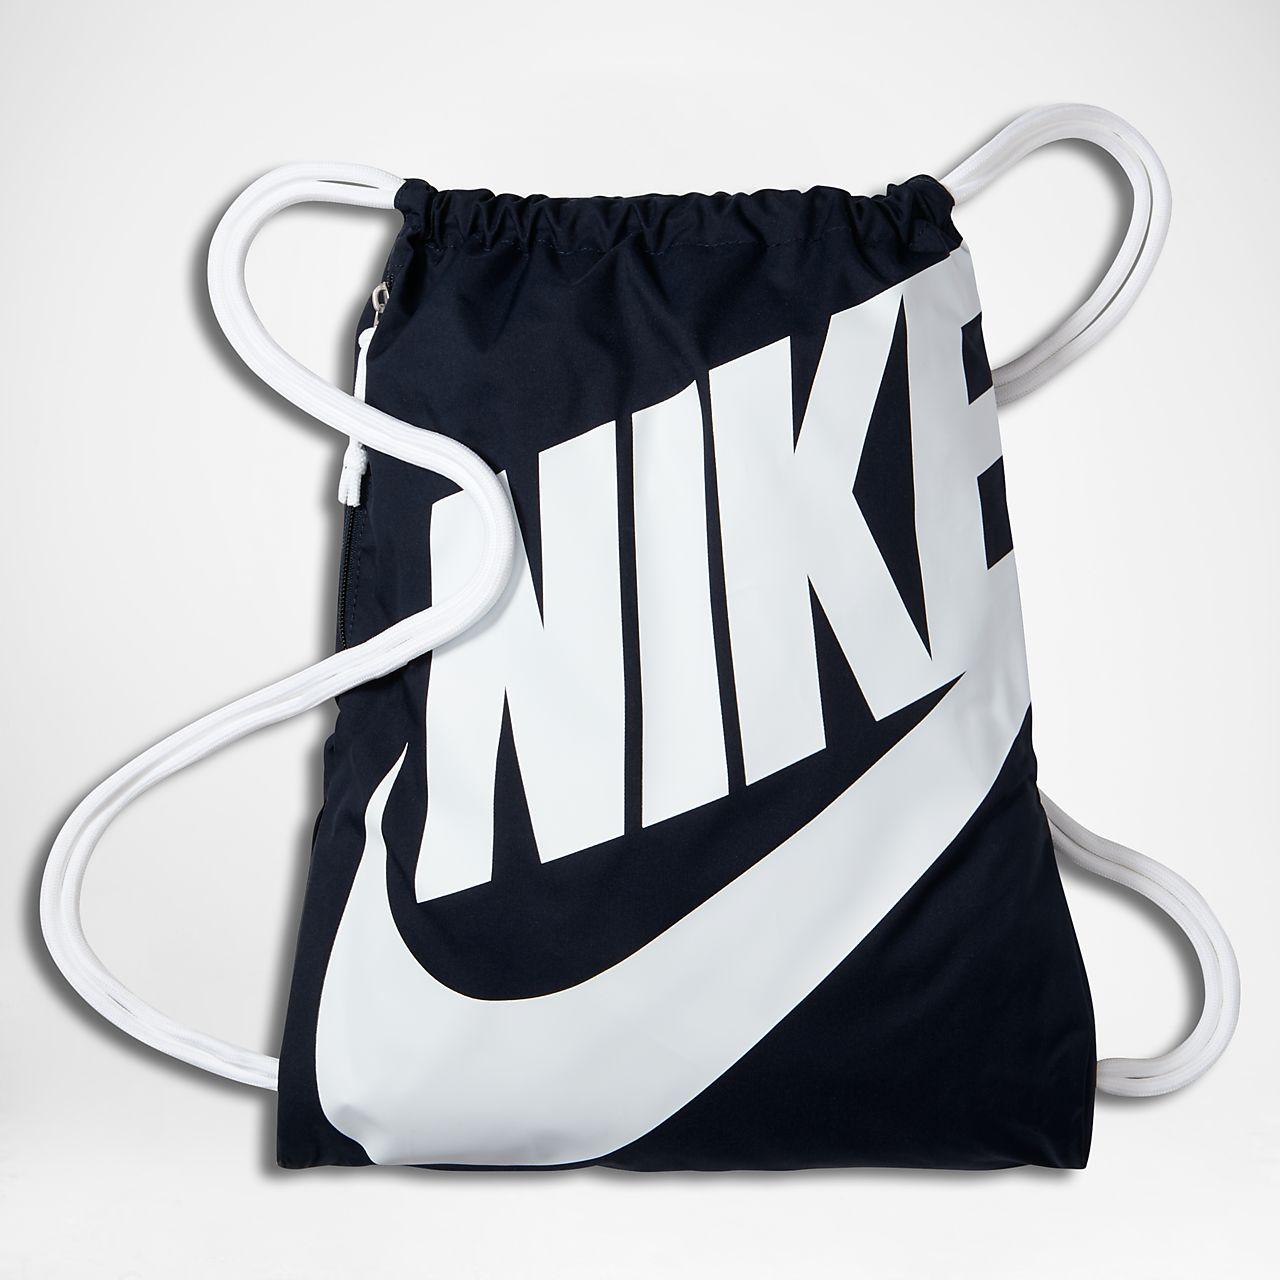 Sacca per la palestra Nike Graphic Bambini